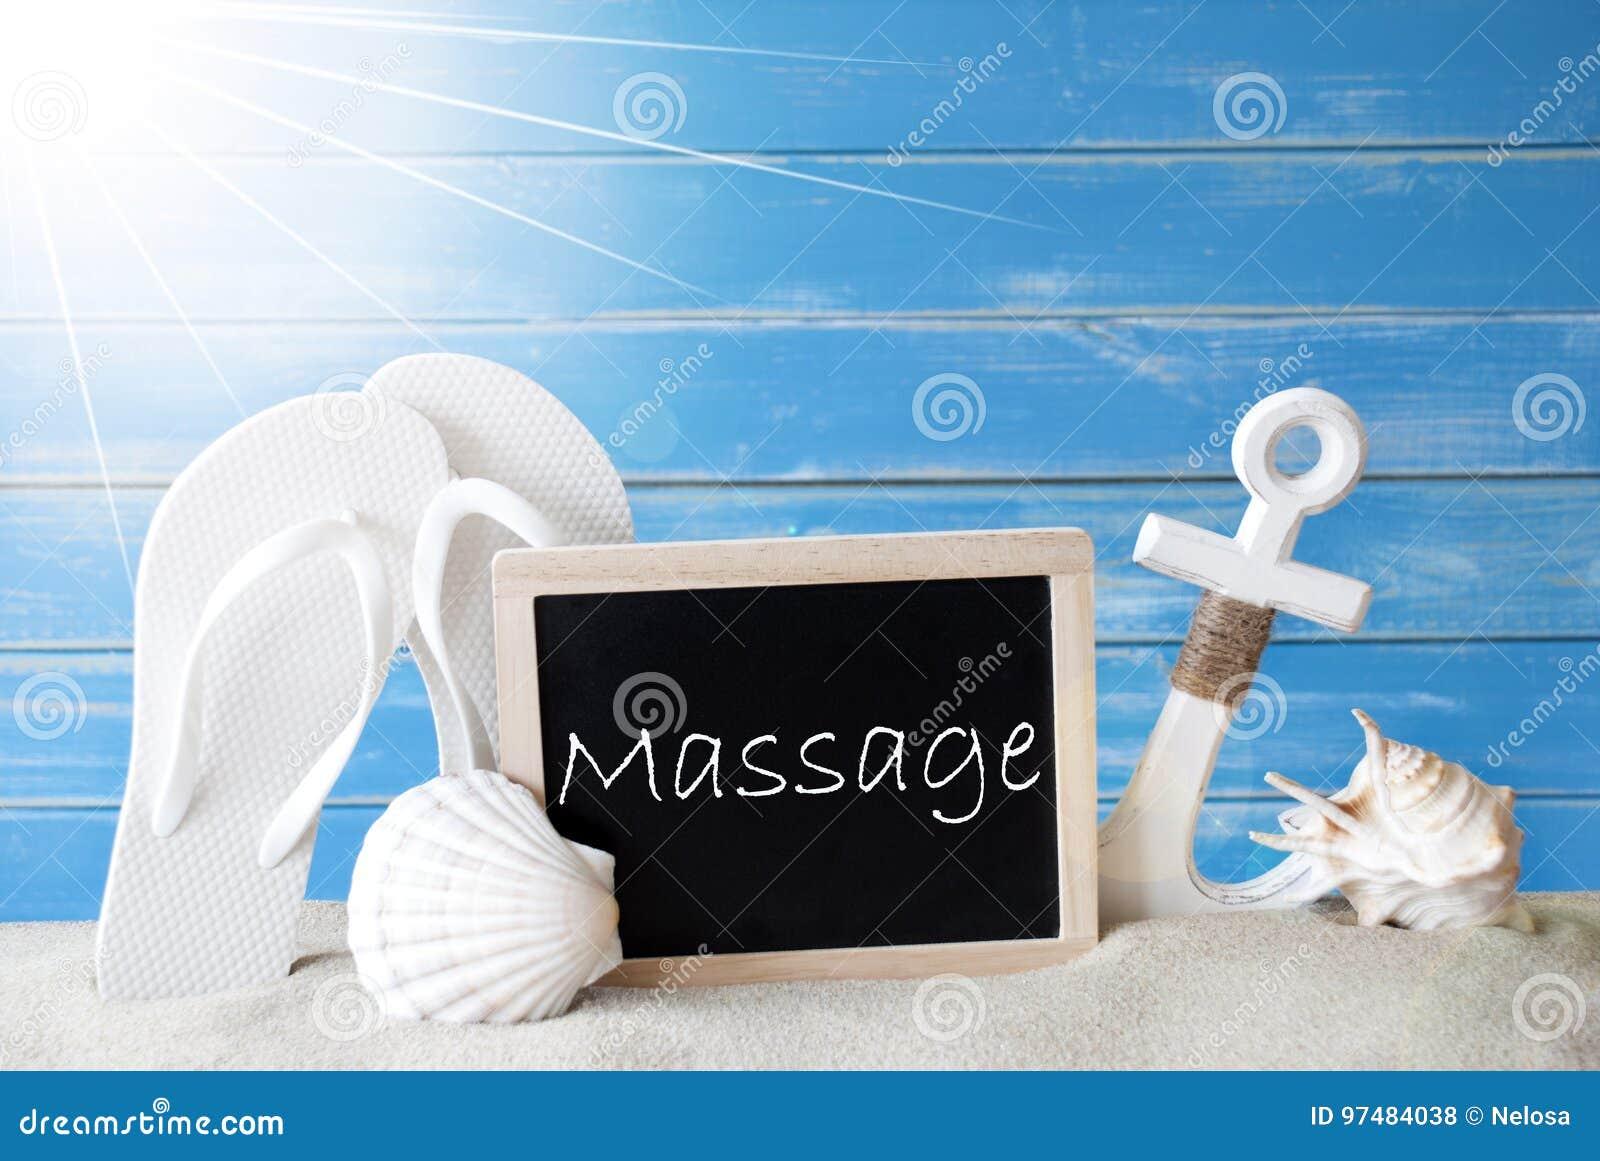 Massaggio di Sunny Summer Card With Text